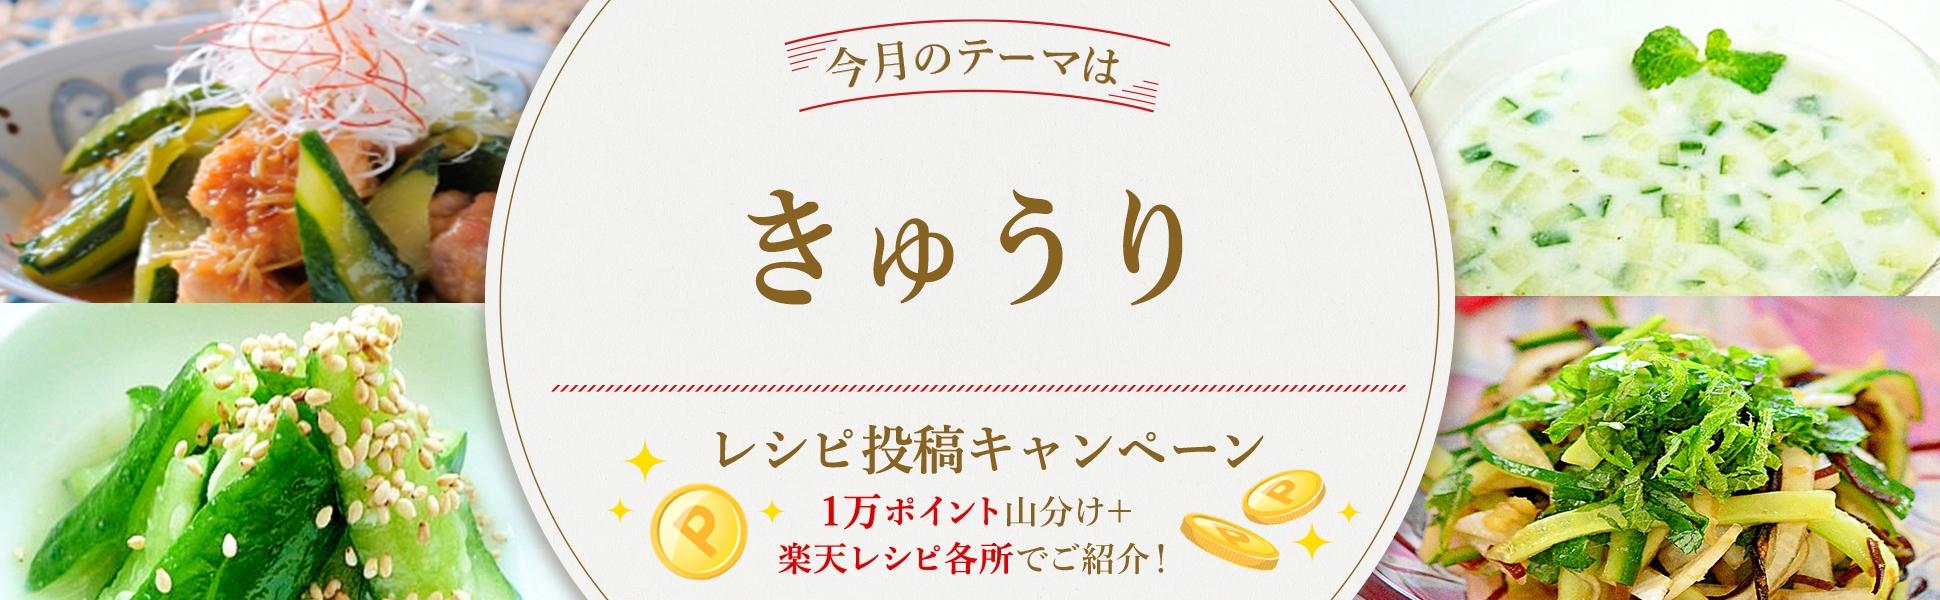 【毎月開催!】めざせマンネリ解消♪<今月のテーマは「きゅうり」!>